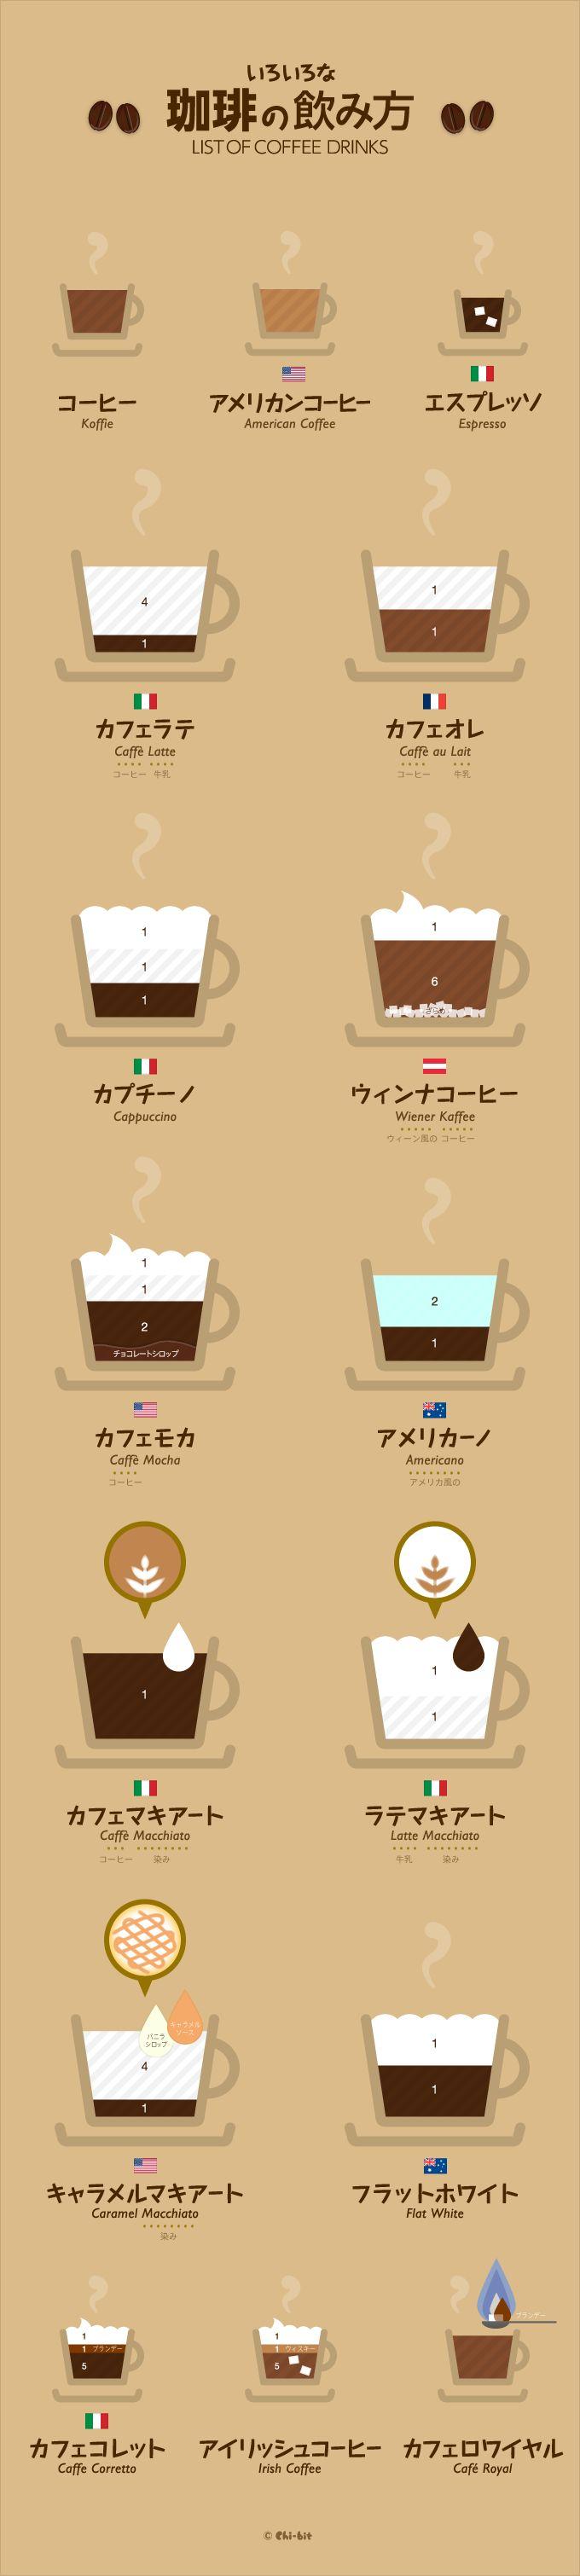 chi-bit.com | いろいろな珈琲の飲み方